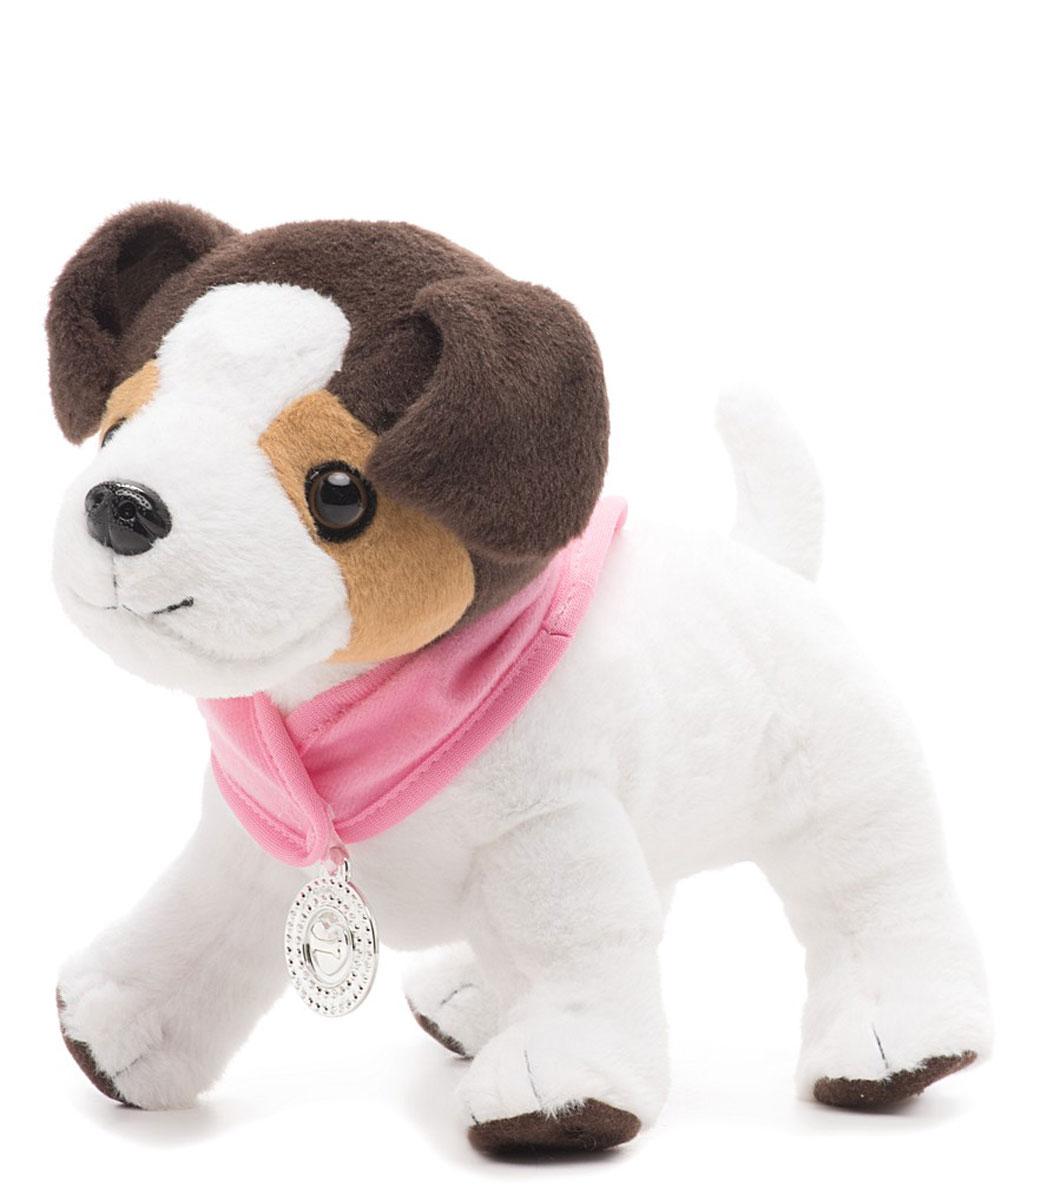 Baby Born Интерактивная игрушка Собака Ронни819-531Интерактивная игрушка Baby Born Собака Ронни позволит вашей малышке почувствовать себя ветеринаром. Мягкая игрушка выполнена из текстильного материала в виде щенка Ронни. На нем надета розовая накидка на липучке. При нажатии на левую переднюю лапку щенок начинает жалобно скулить, а лапка - подсвечиваться красным. Стоит надеть гипс на лапку, и Ронни успокоится. Если сделать щенку укол, Ронни снова заскулит. Сердцебиение щенка можно послушать с помощью стетоскопа. Погладив щенка по голове, малышка услышит довольный лай. В комплект входят шприц, гипс на лапку, стетоскоп и бутылочка для кормления. Ваша малышка будет в восторге от такого подарка! Рекомендуется докупить 3 батарейки напряжением 1,5V типа ААА (товар комплектуется демонстрационными).